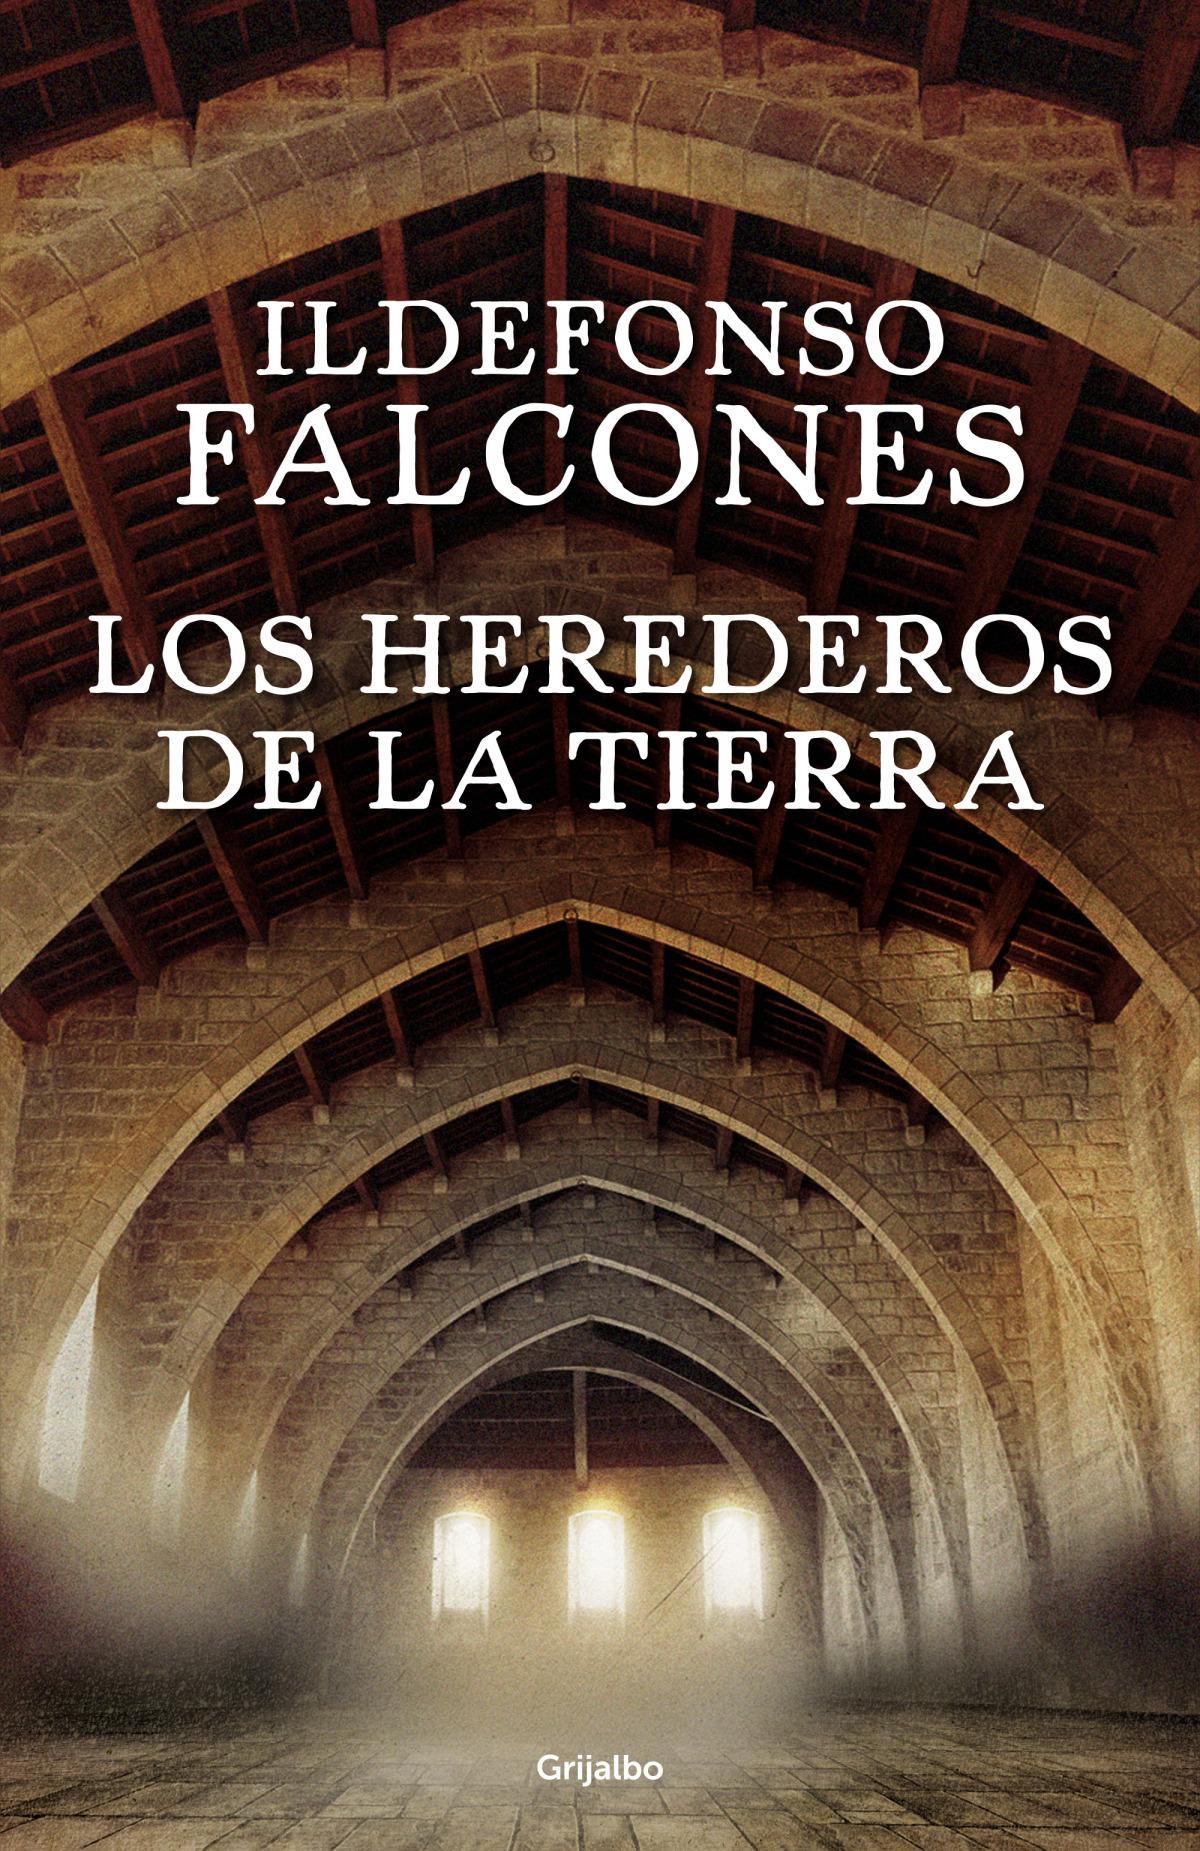 LOS HEREDEROS DE LA TIERRA 9788425354236